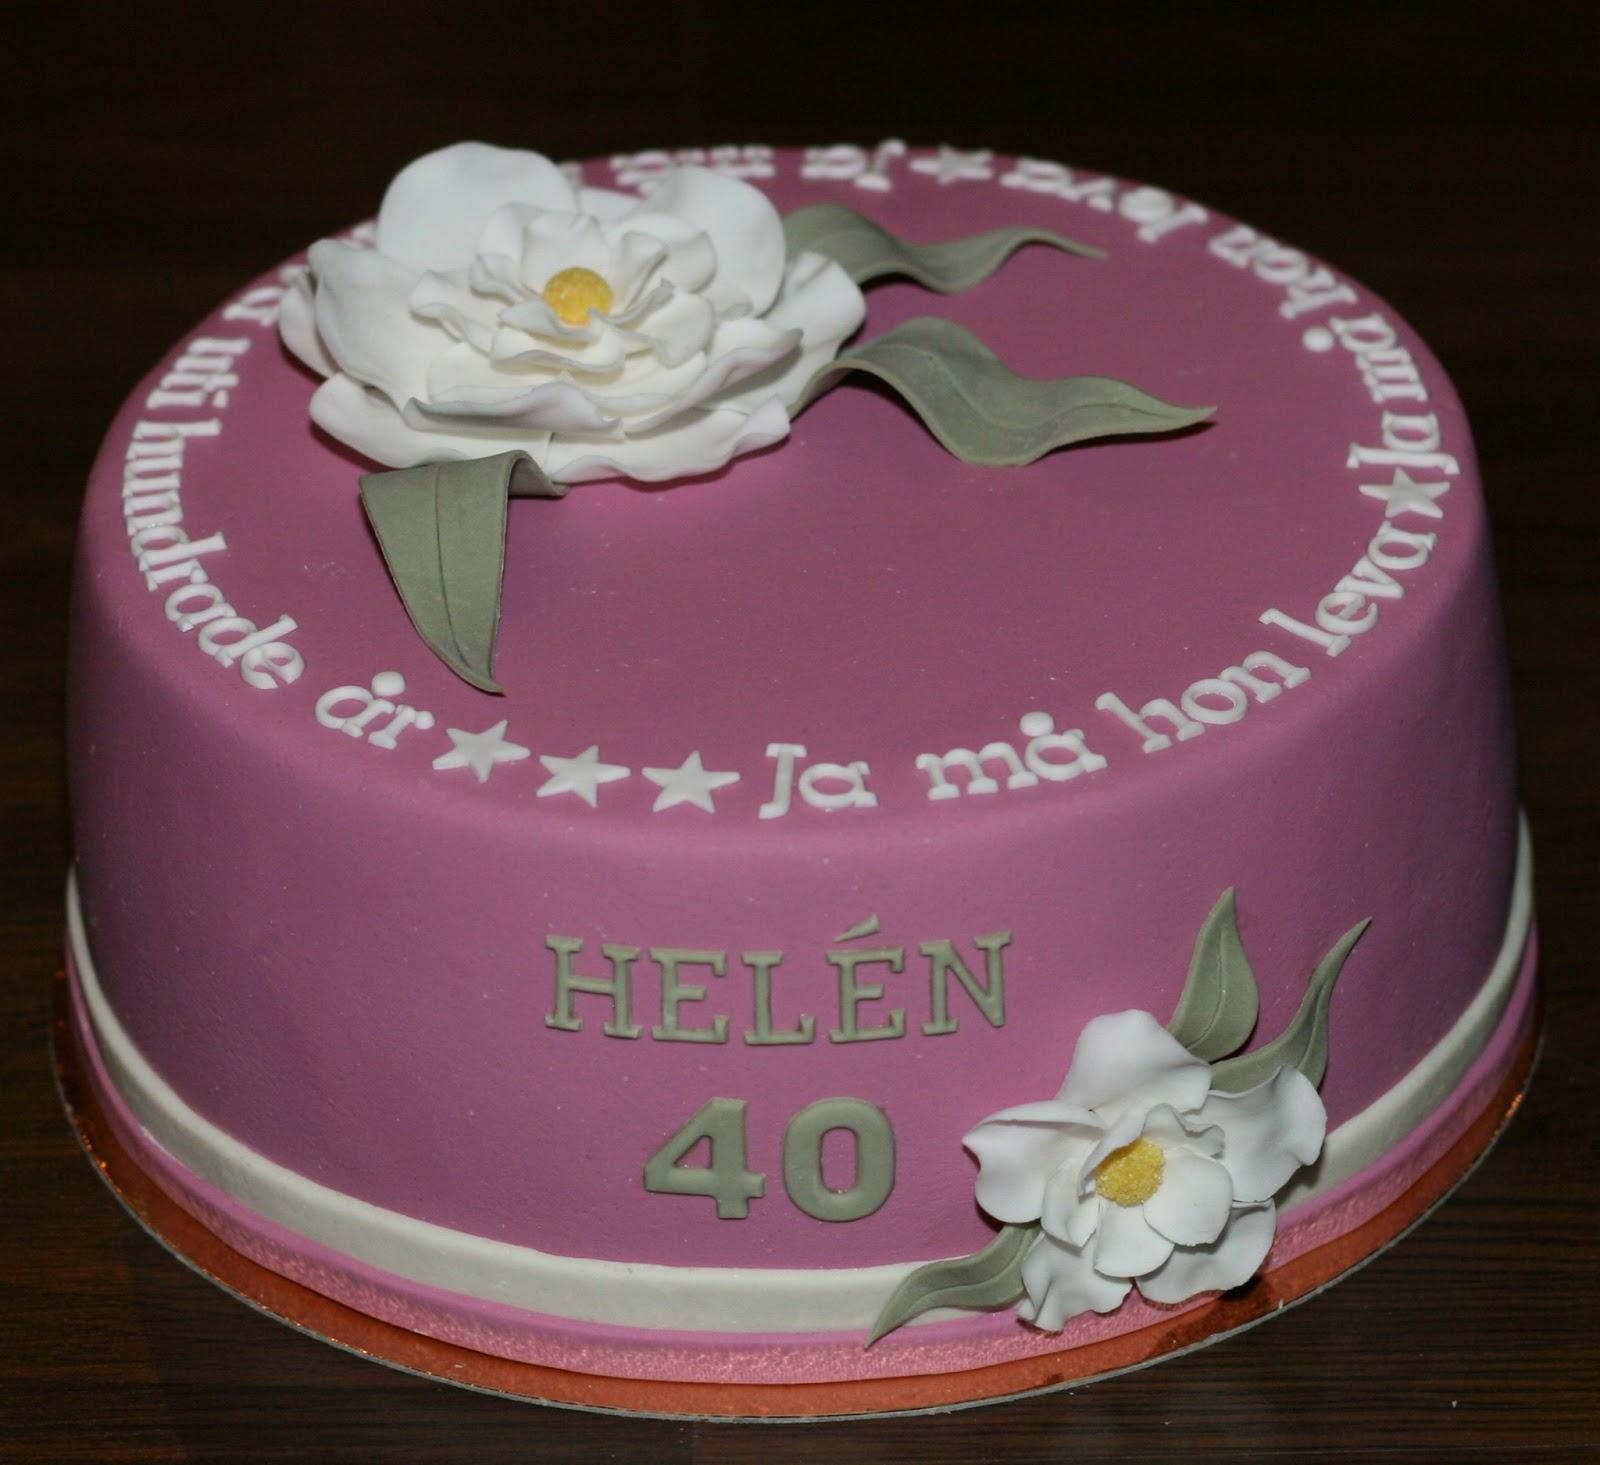 tårta 40 år Josse   mitt i maten: Heléns 40 års tårta tårta 40 år